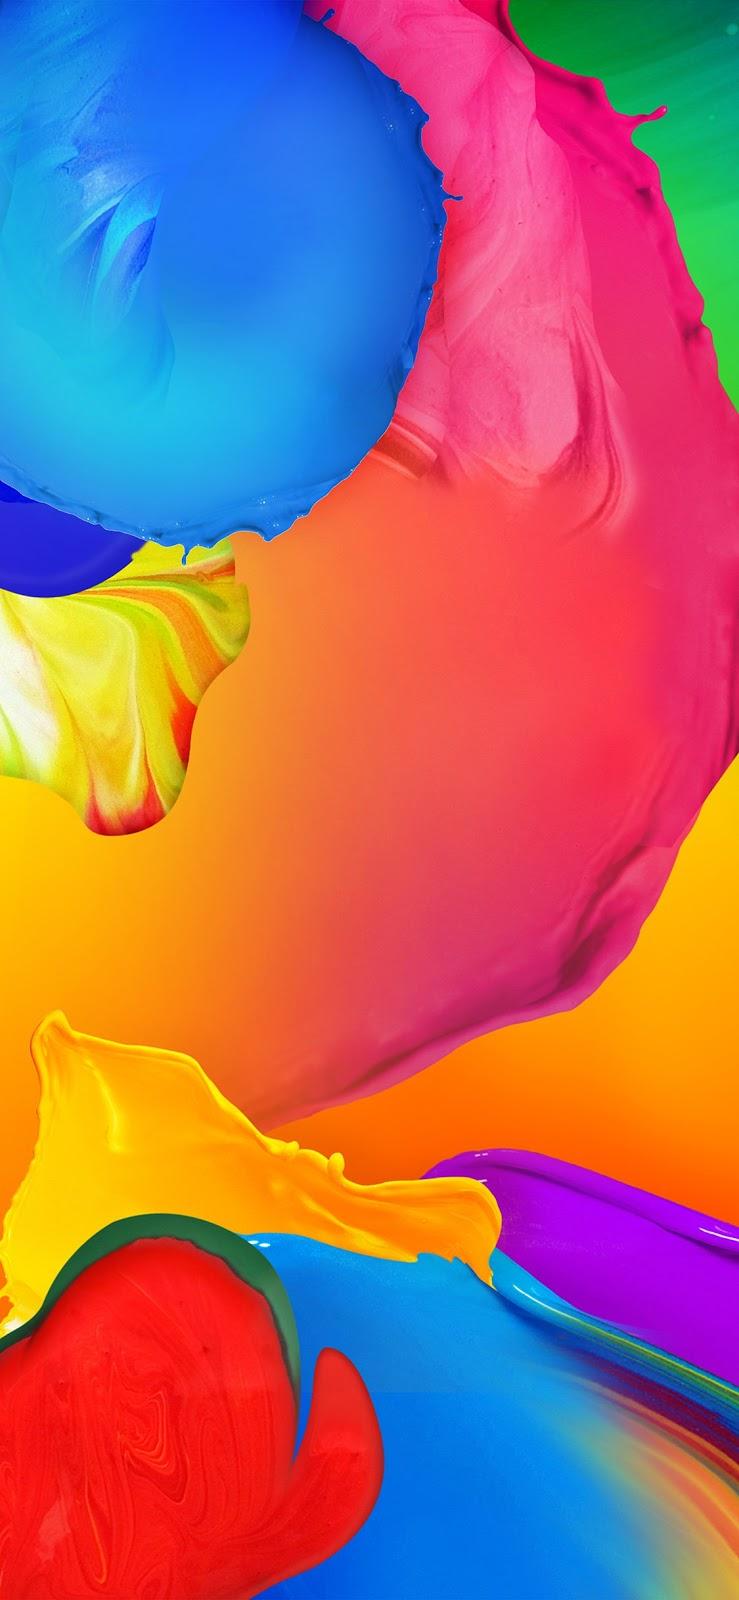 Wallpaper, sfondi iPhone, astratto, colori